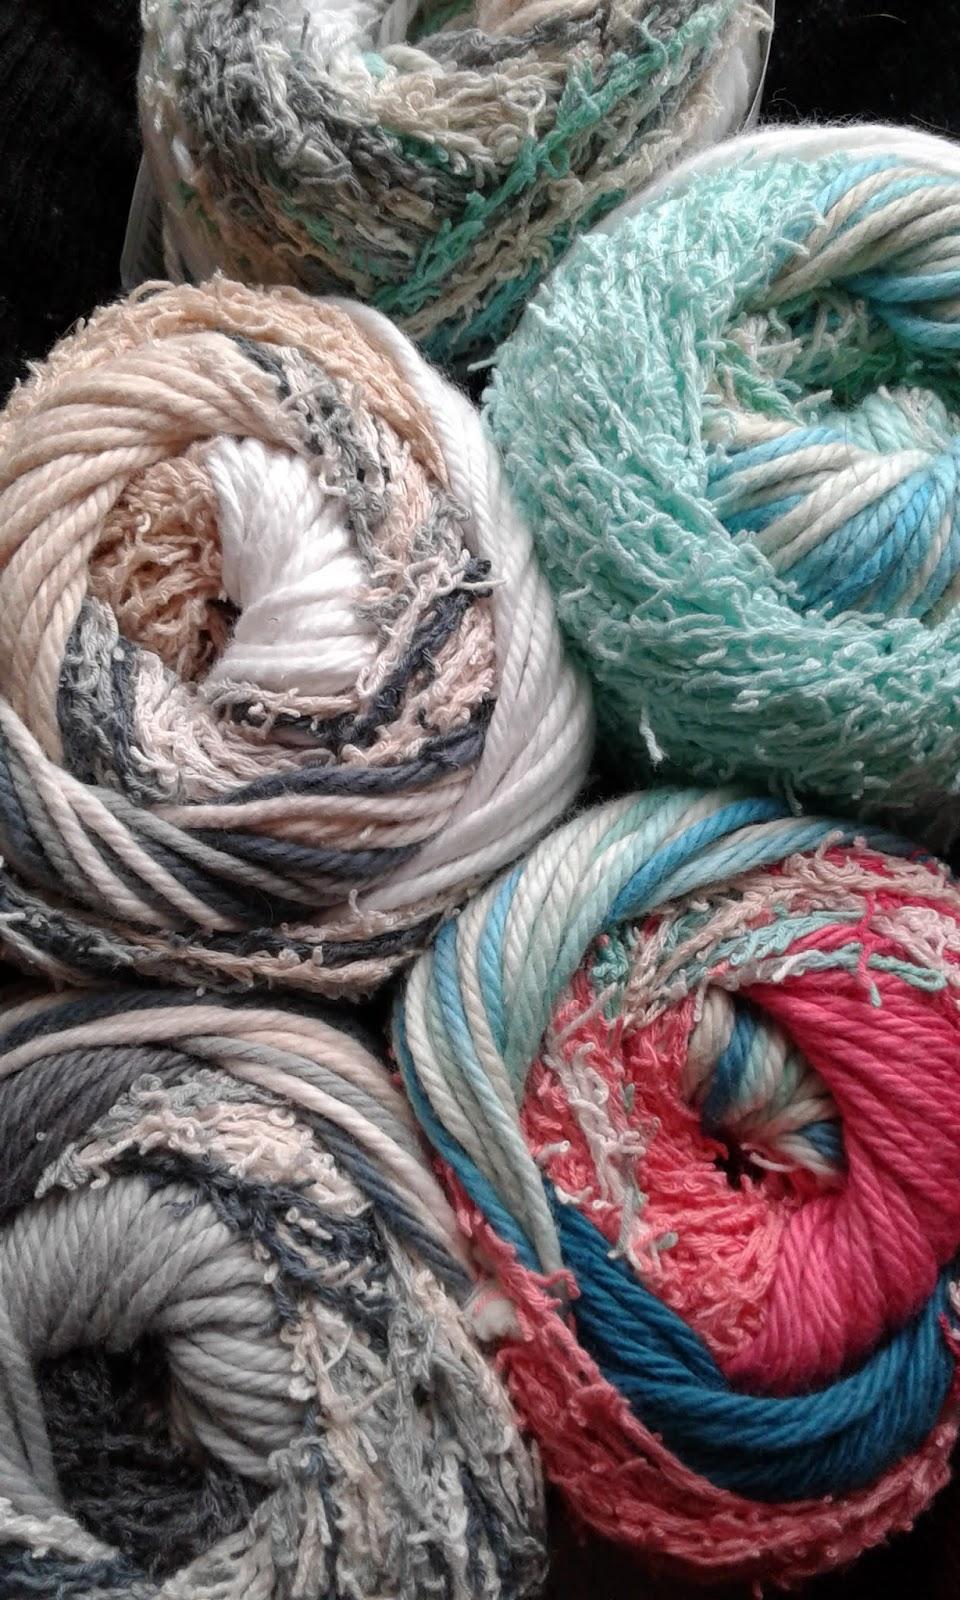 close up of scrub off yarn